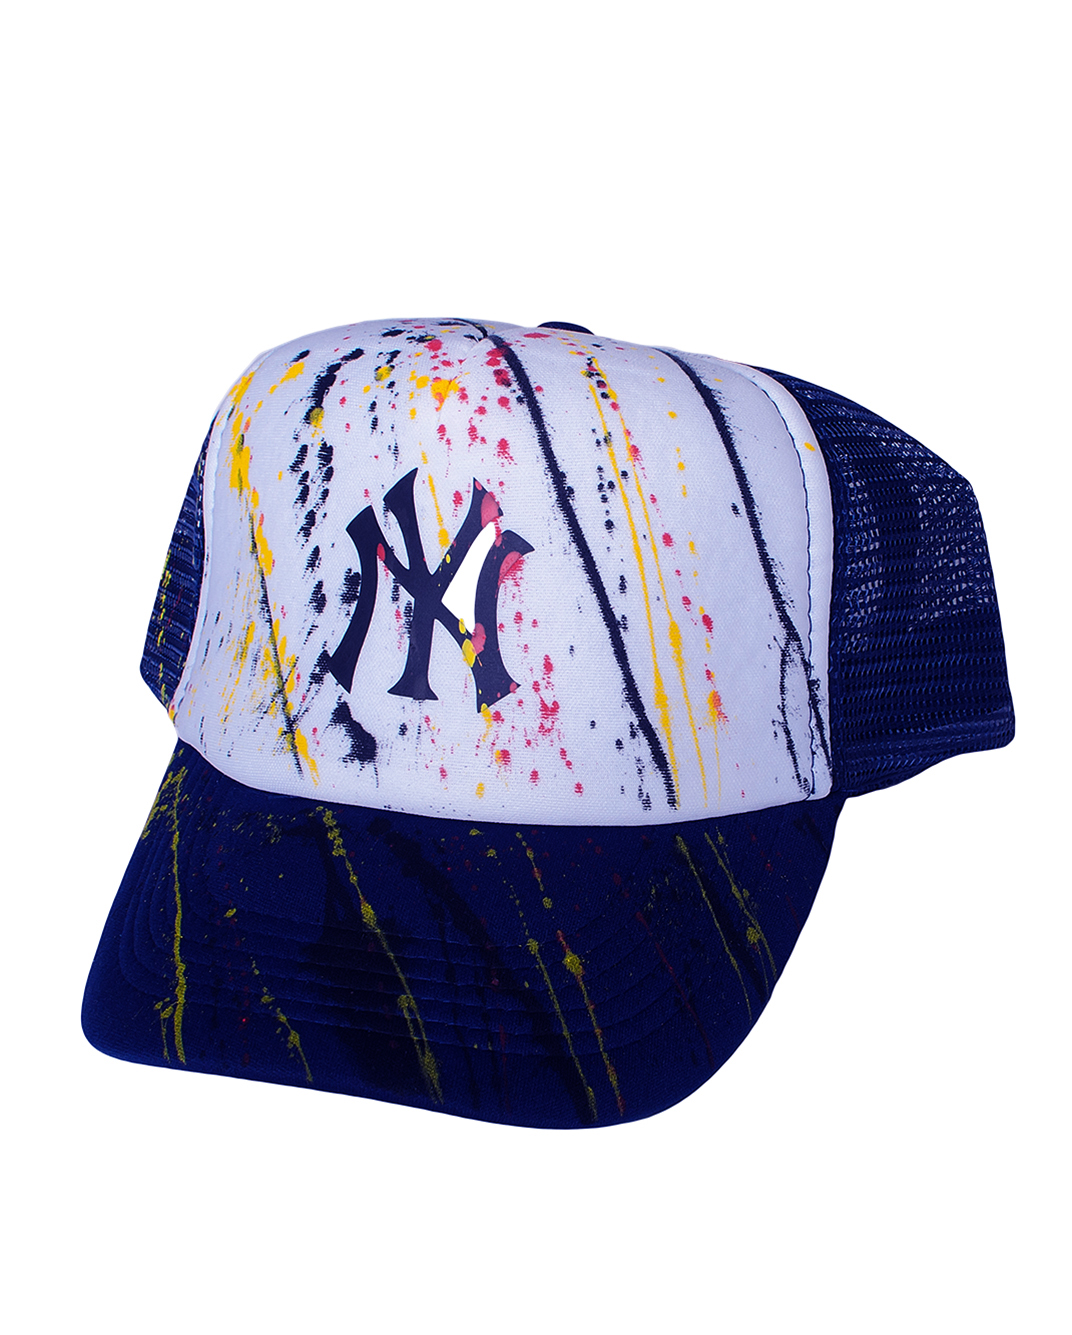 Ανδρικό Καπέλο Blue Splash-Μπλε αρχική αξεσουάρ καπέλα